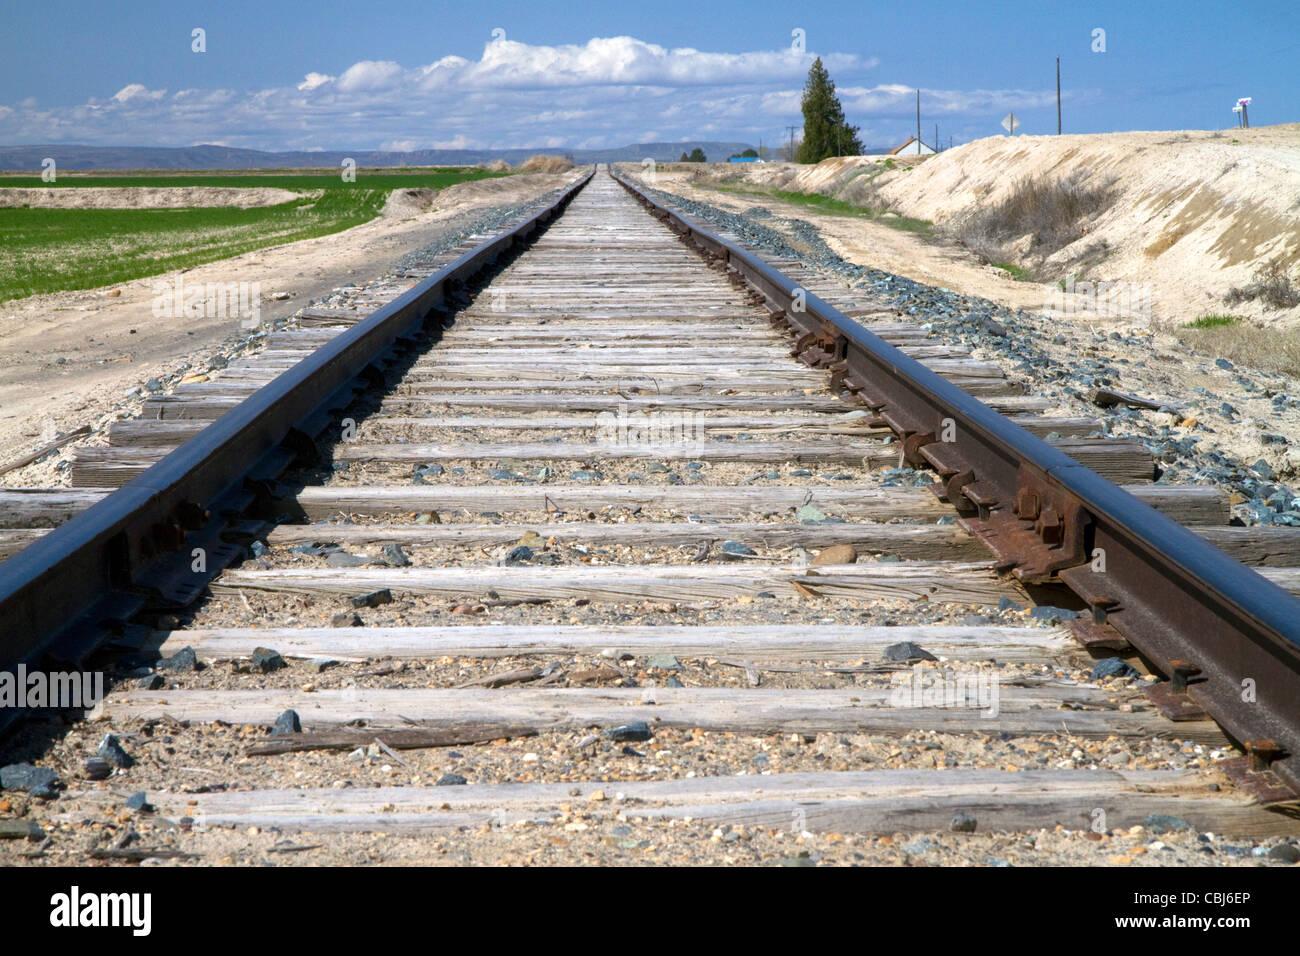 Railroad tracks in Canyon County, Idaho, USA. - Stock Image